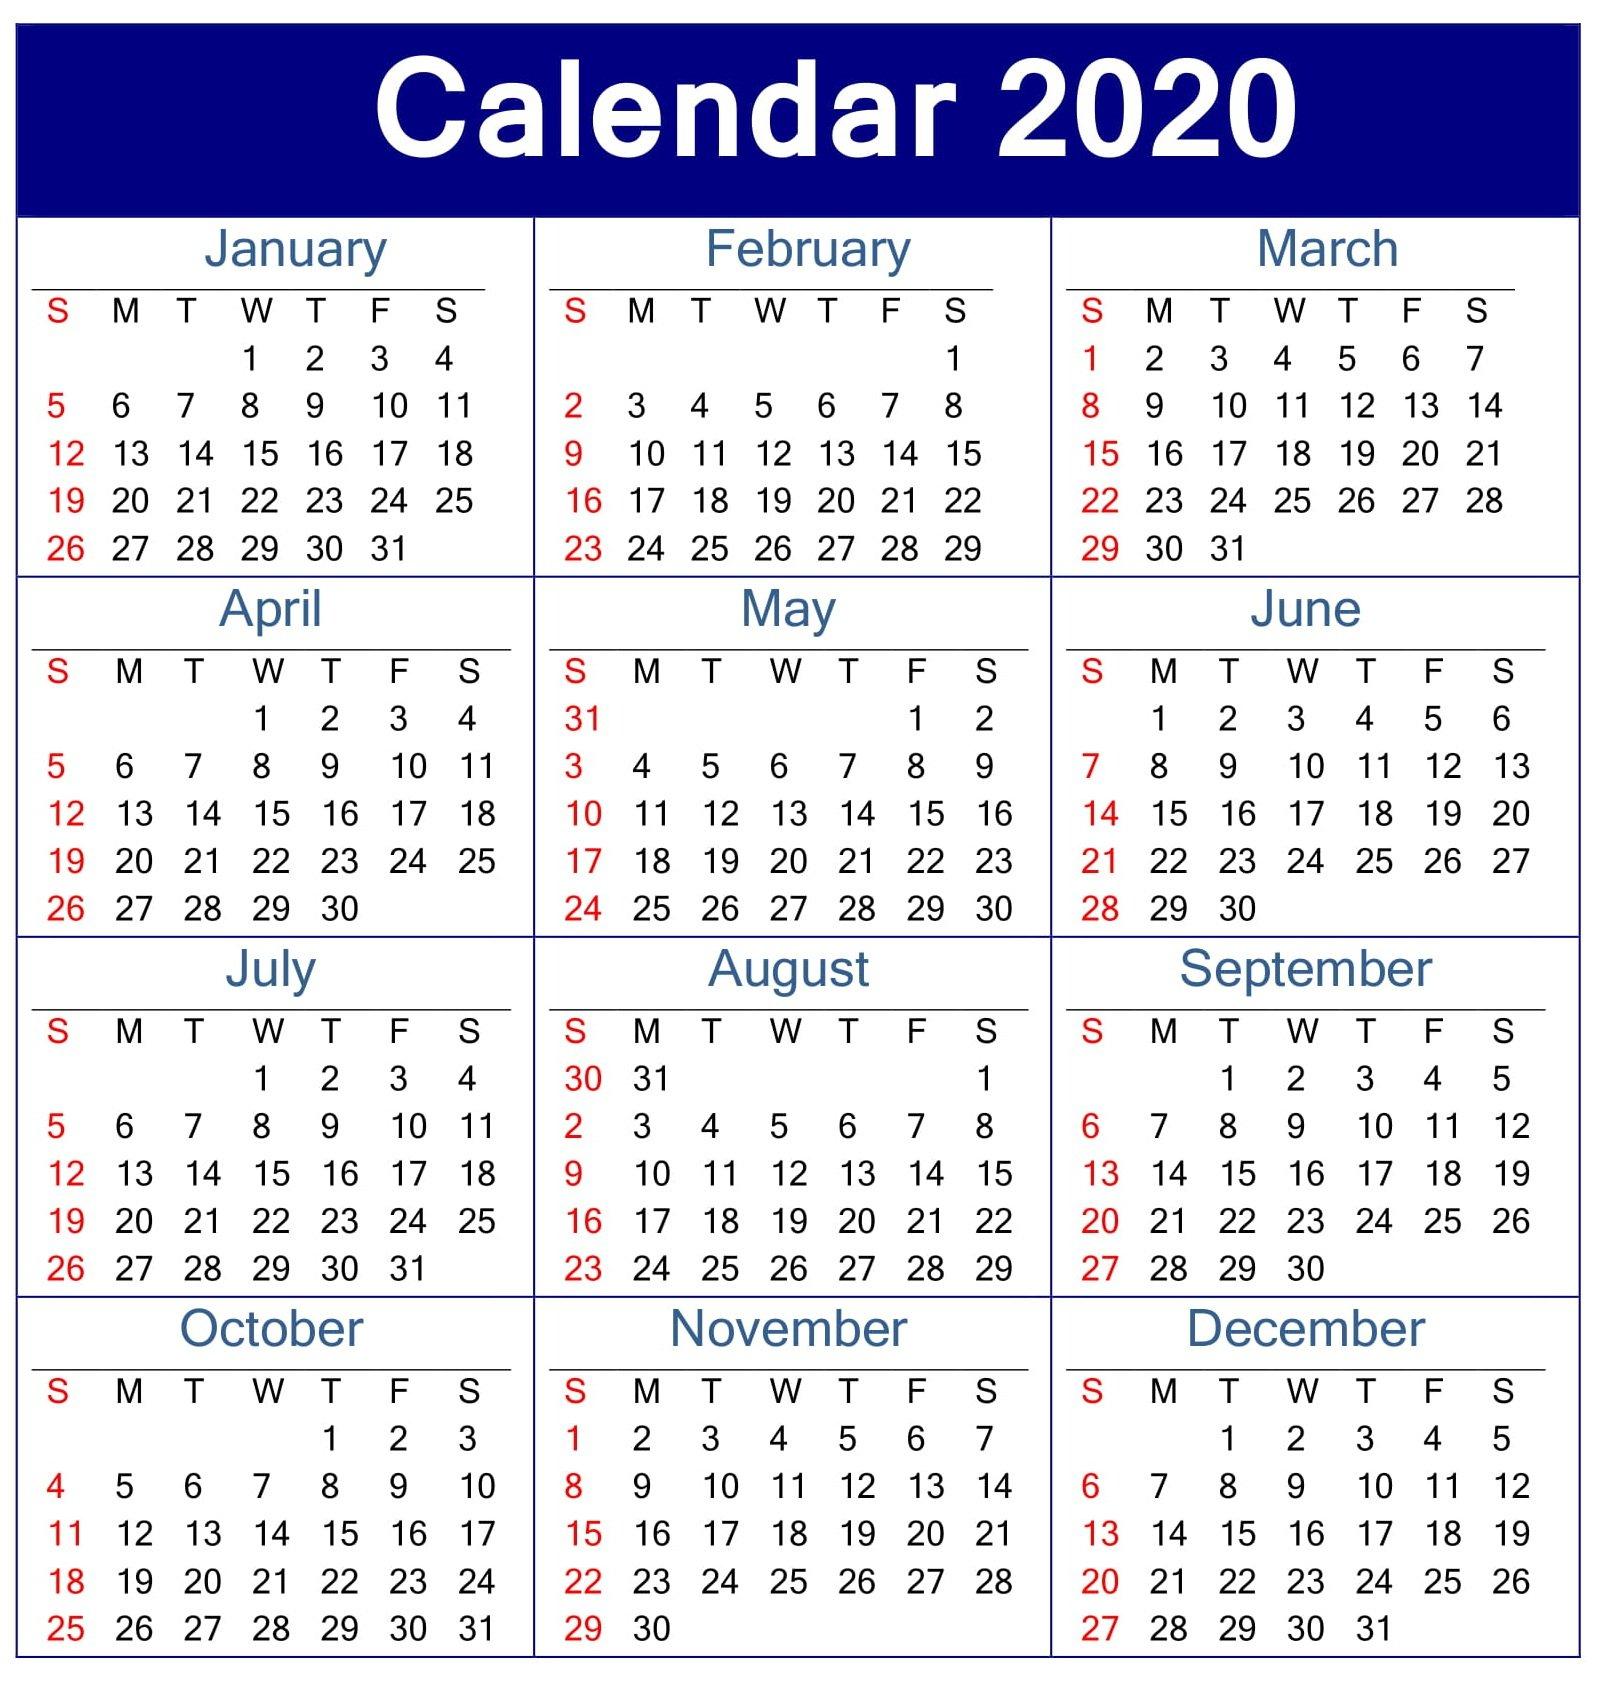 Calendar 2020 With Week Numbers Images 32 Next Two Week Calendar